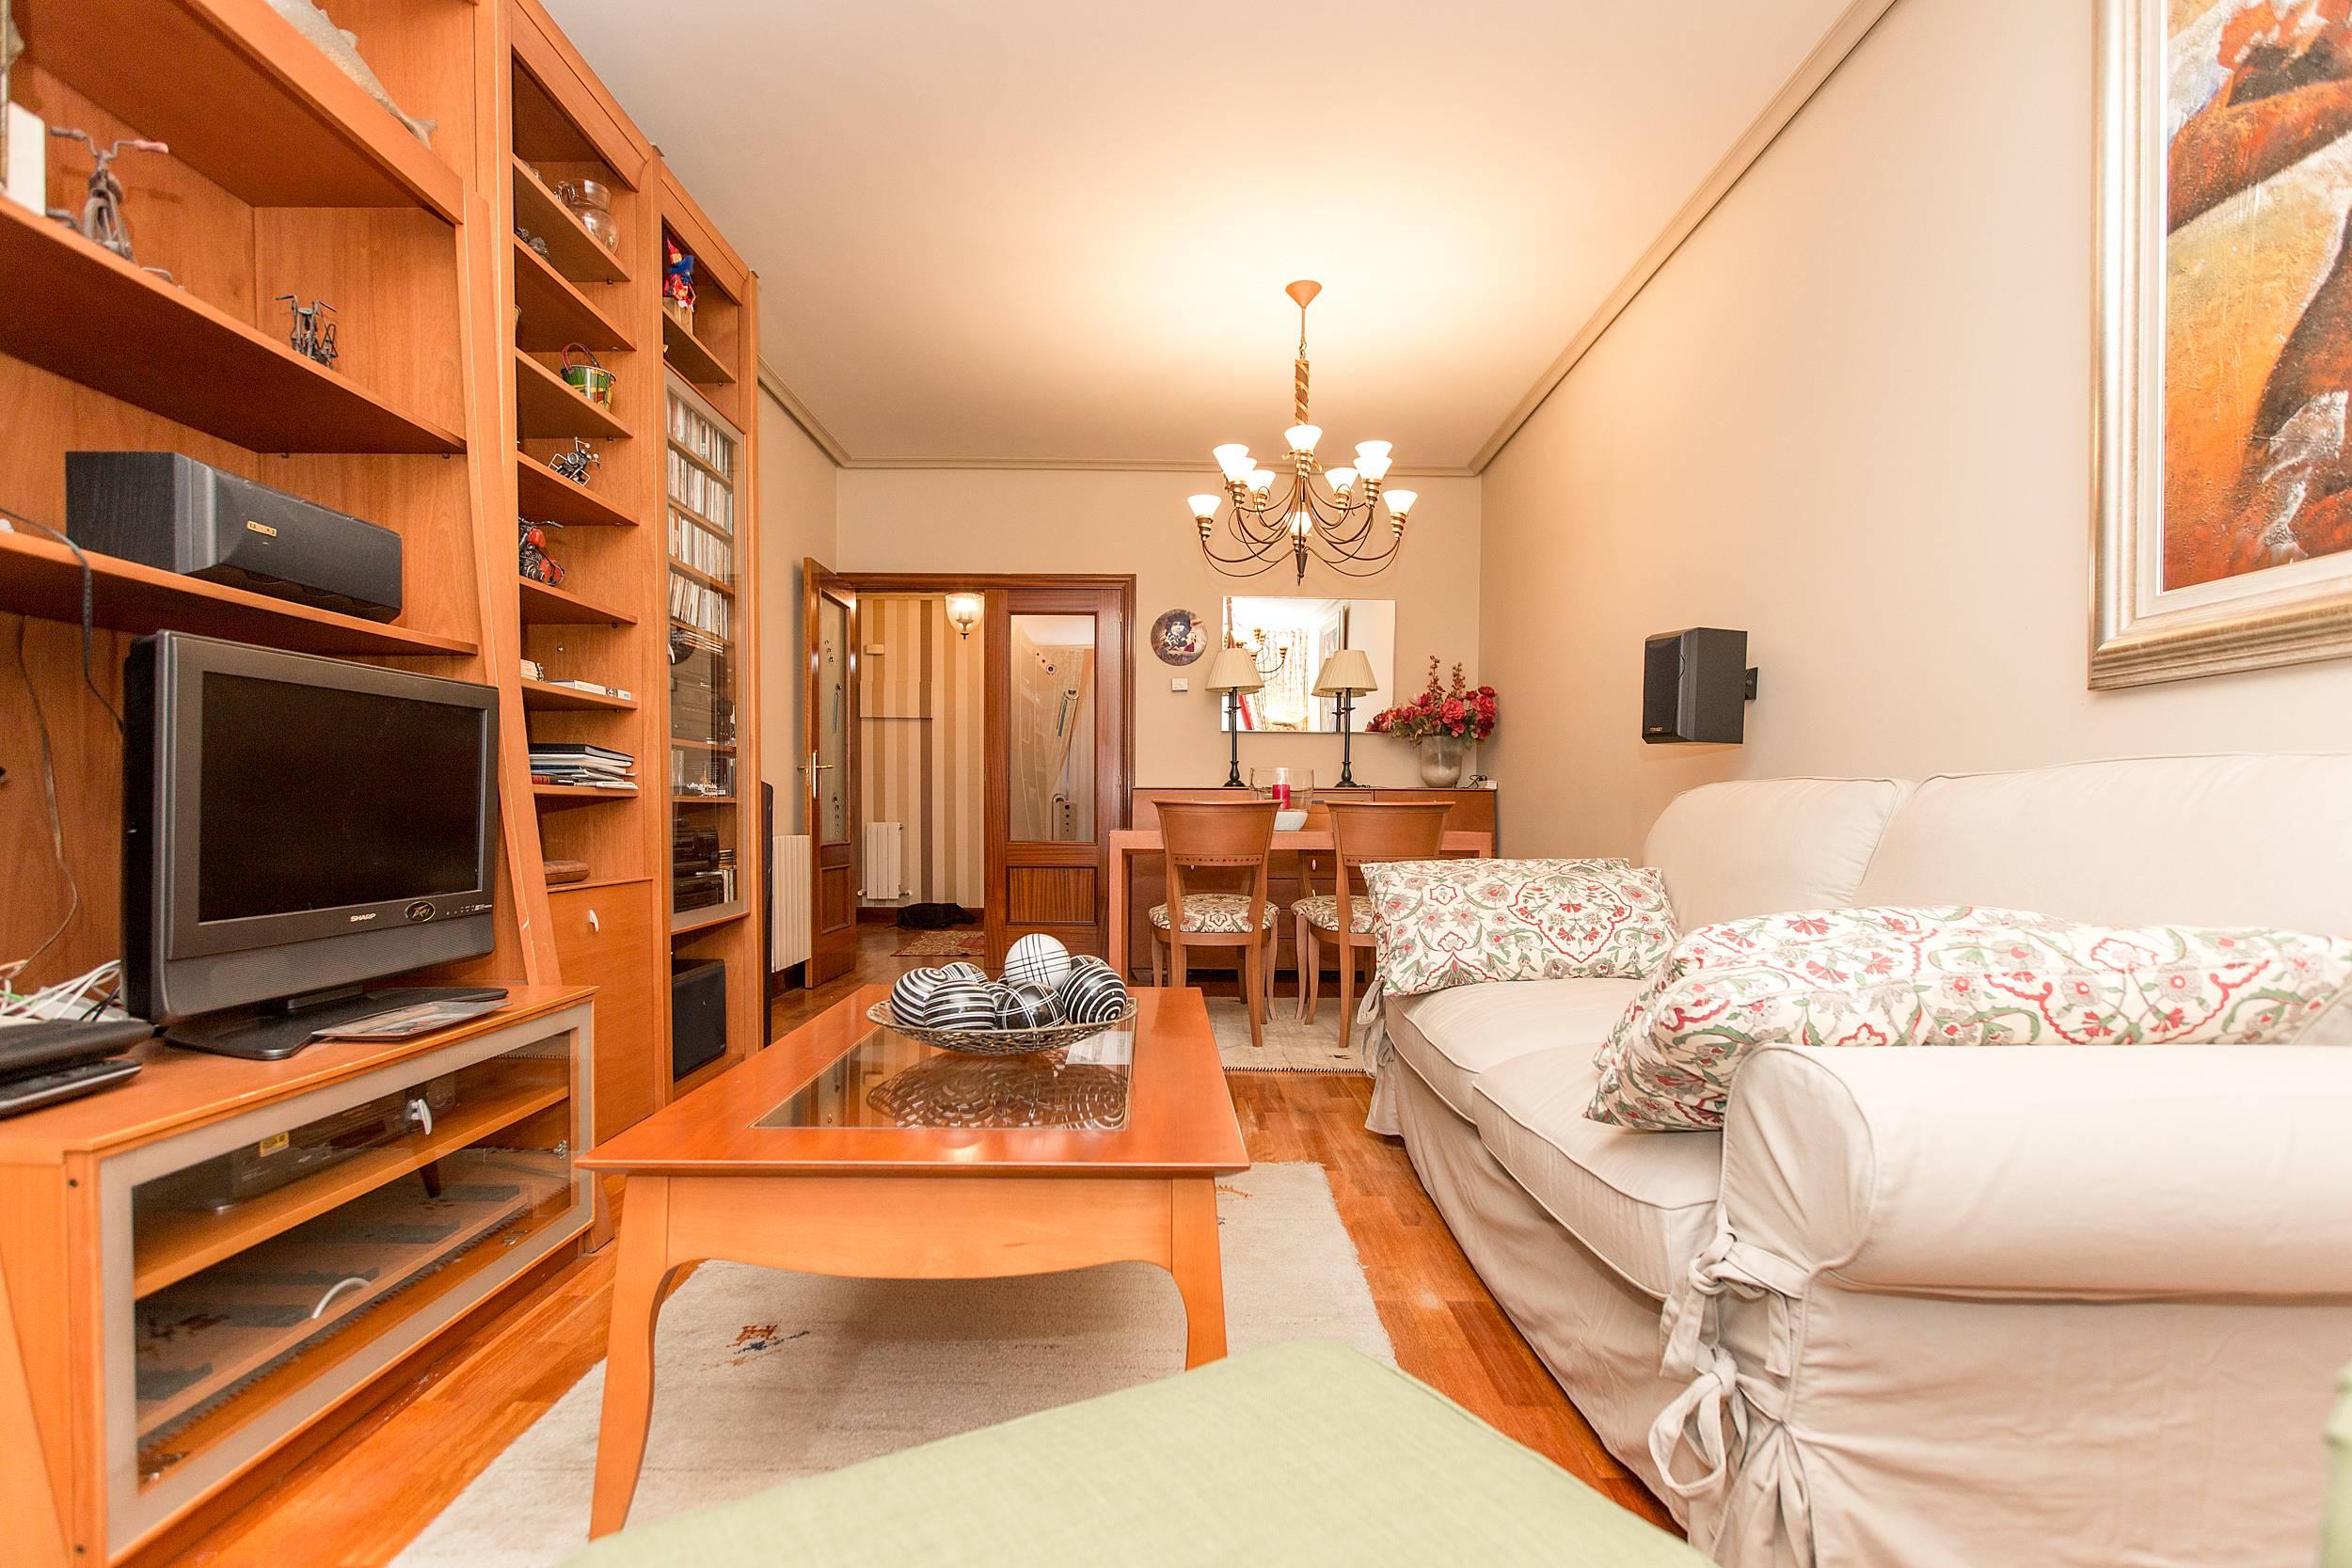 Alquiler vacaciones apartamentos y casas rurales en vizcaya bizkaia euskadi pa s vasco - Apartamentos en bilbao baratos ...